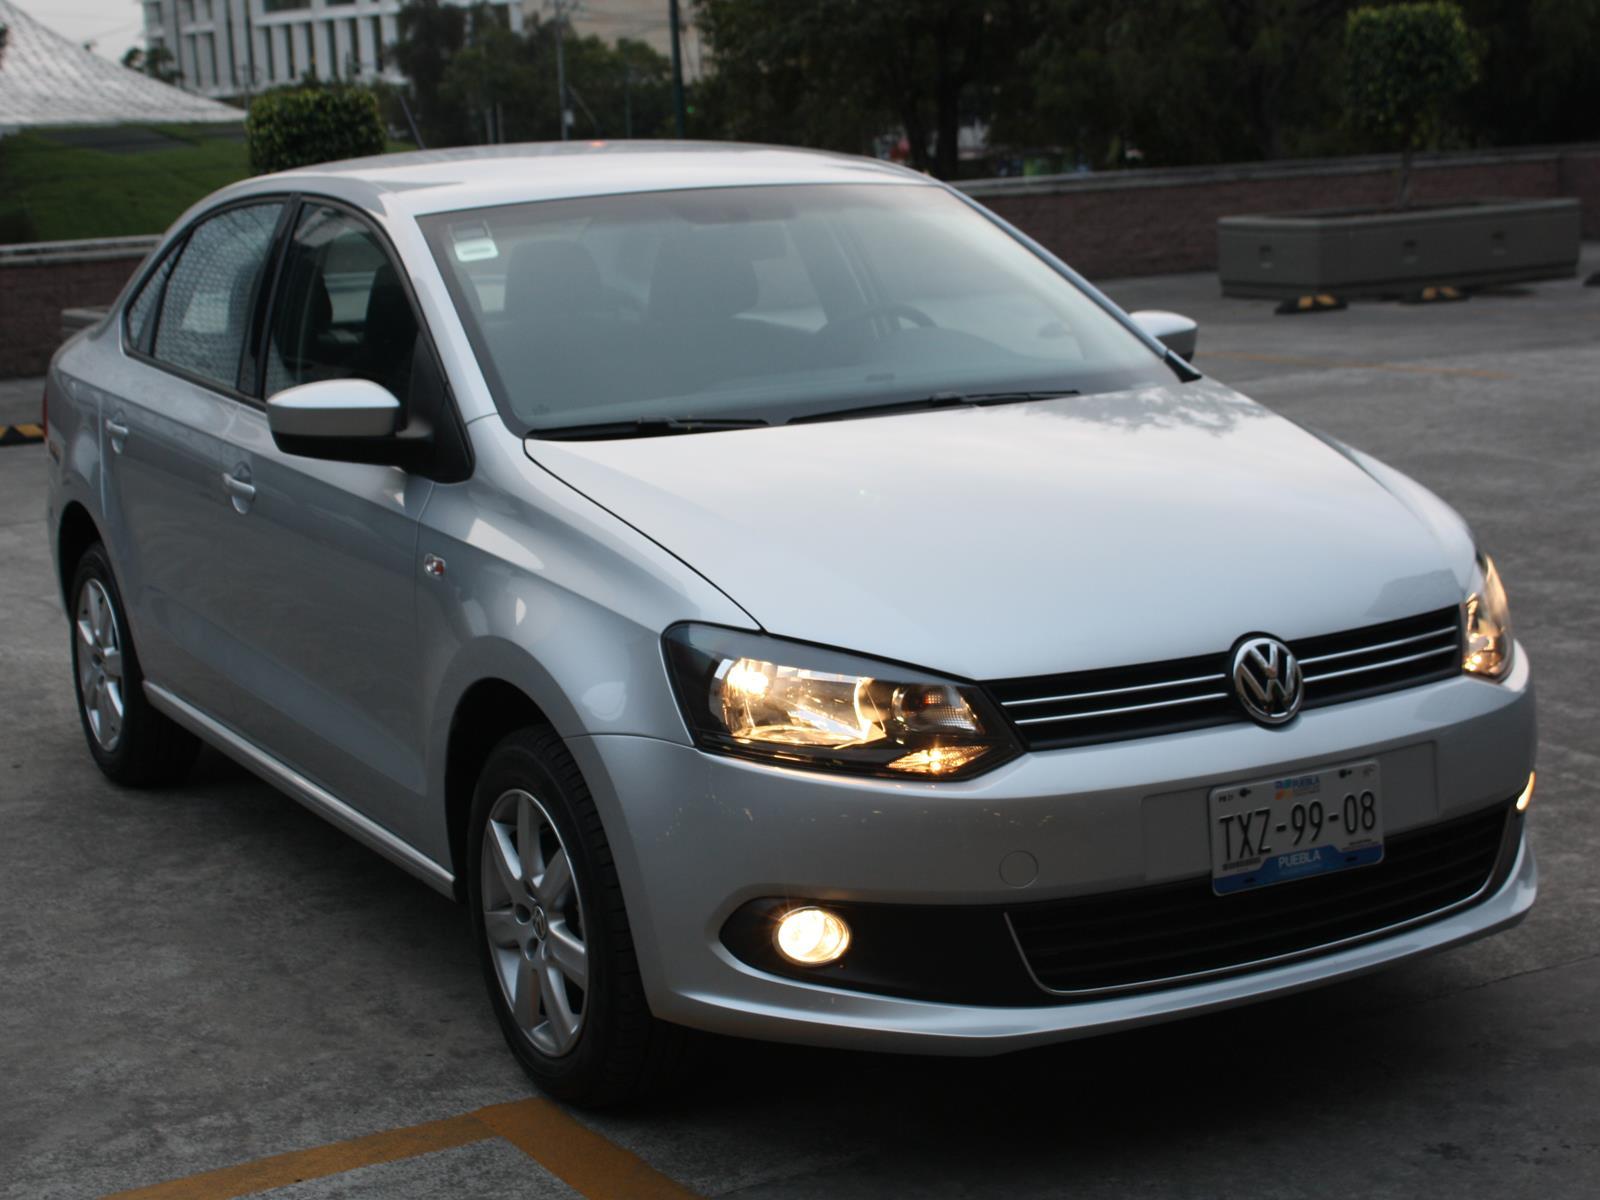 Volkswagen Nuevo Vento 2014 a prueba - Autocosmos.com